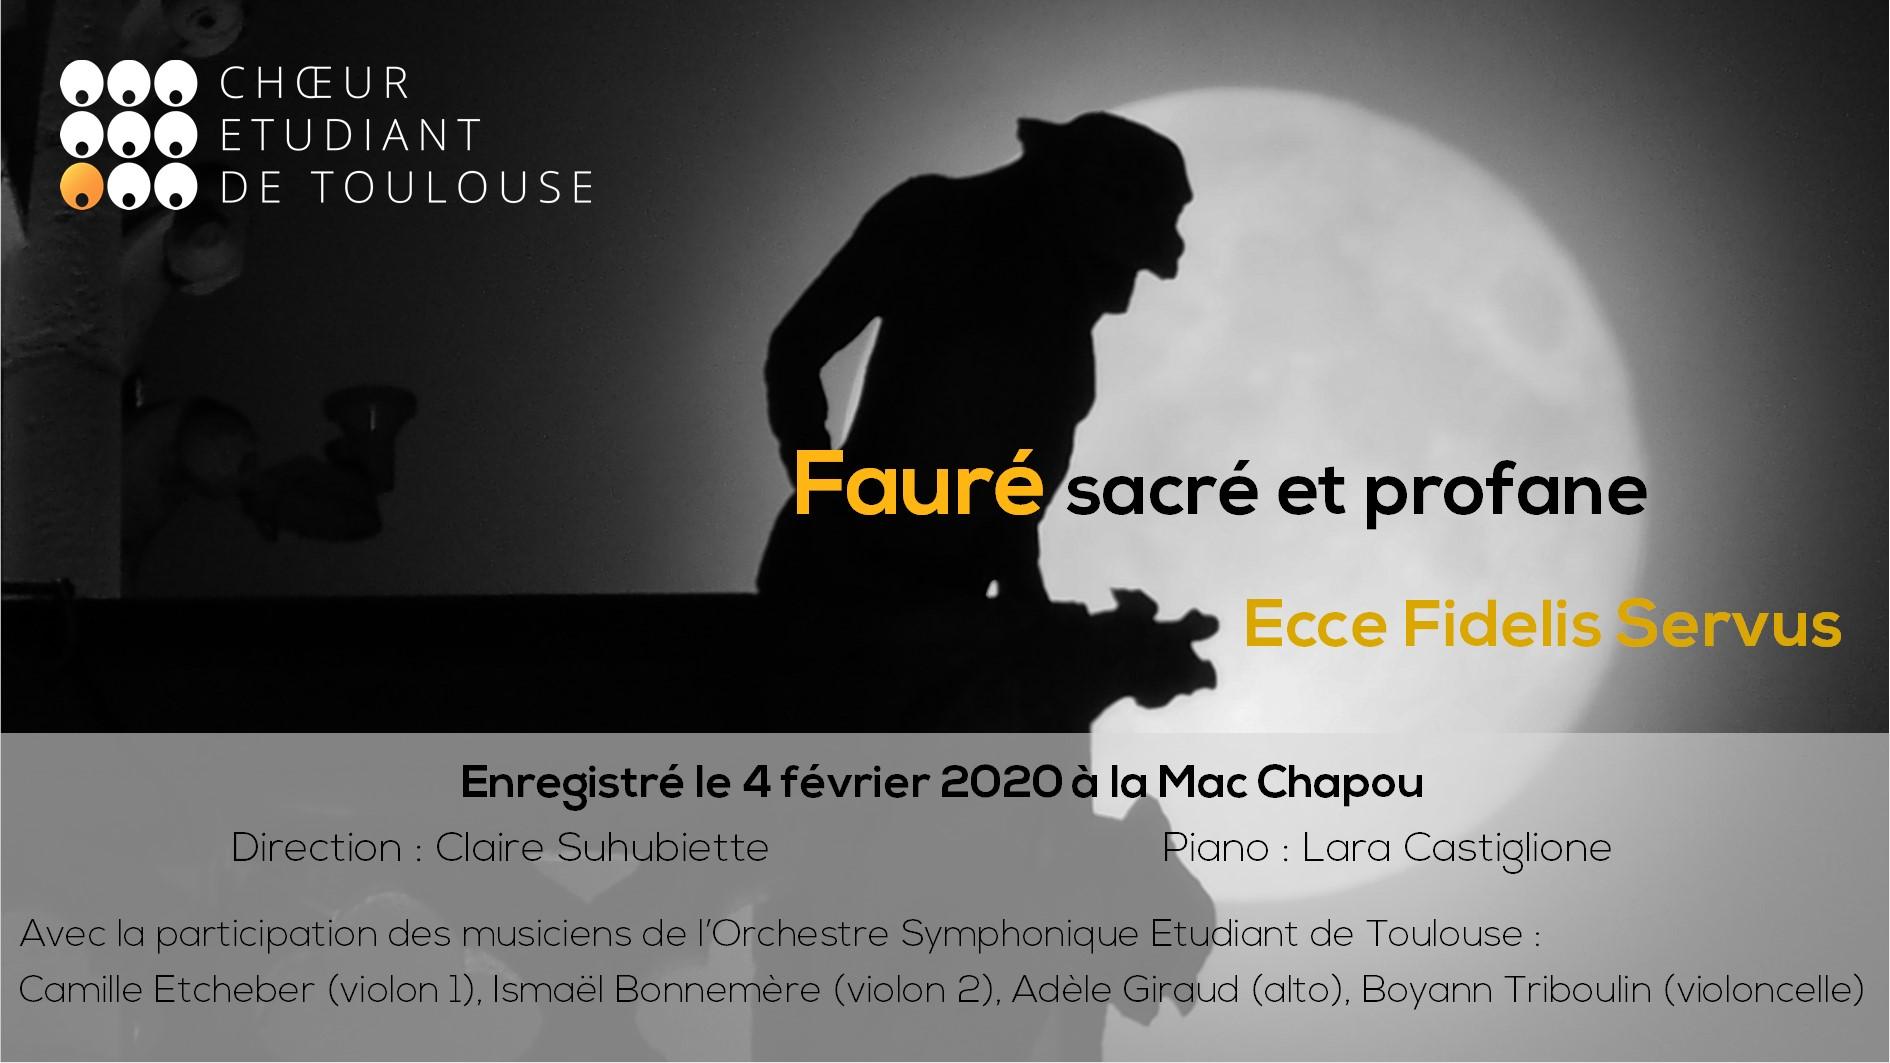 Ecce Fidelis Servus de Gabriel Fauré par le Choeur Etudiant de Toulouse